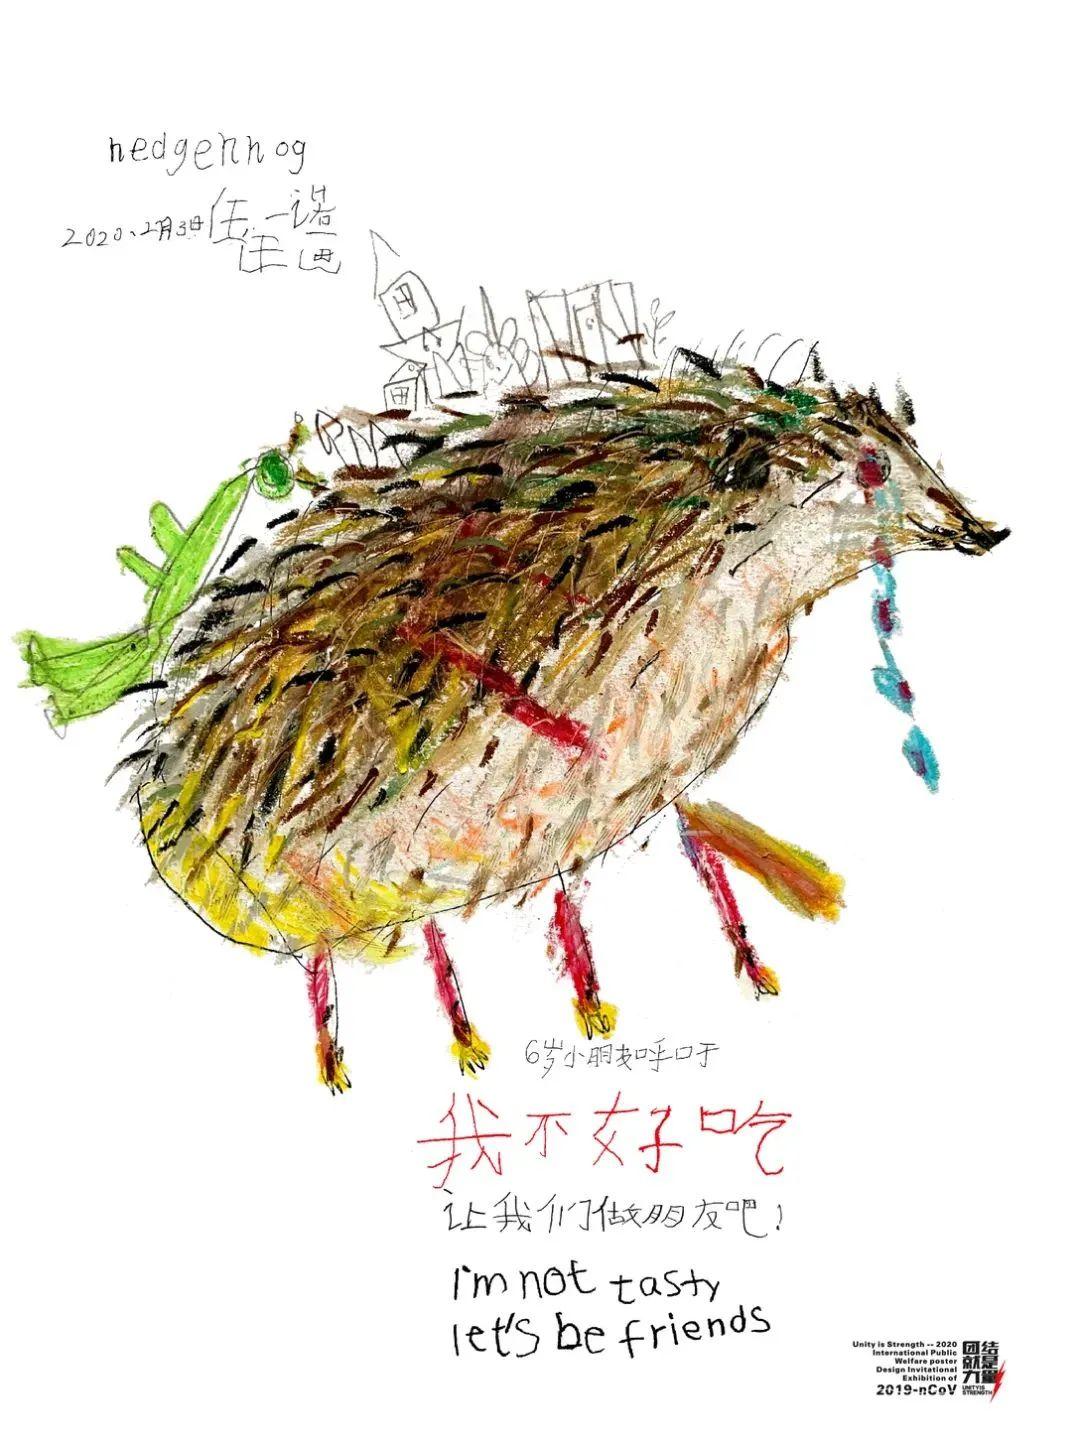 6岁蒙古族小设计师用插画拯救野生动物,为抗疫助力! 第11张